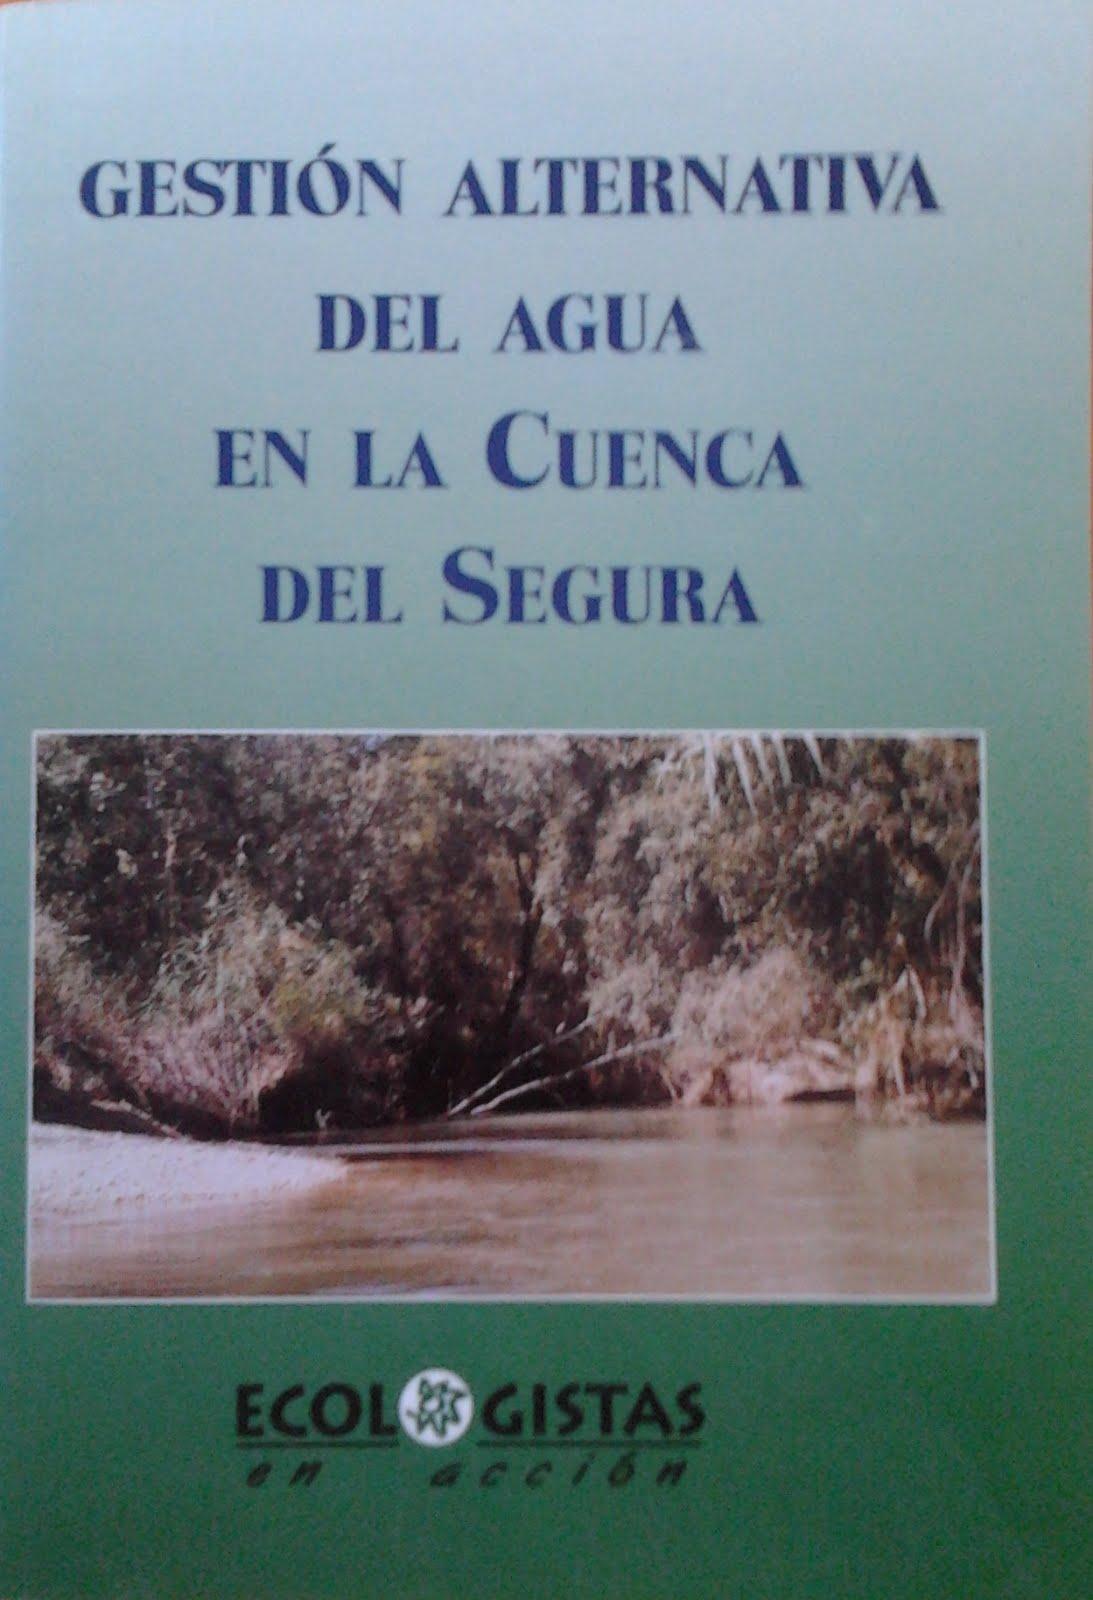 Documentos para una gestión alternativa del afua en la Cuenca del Segura.